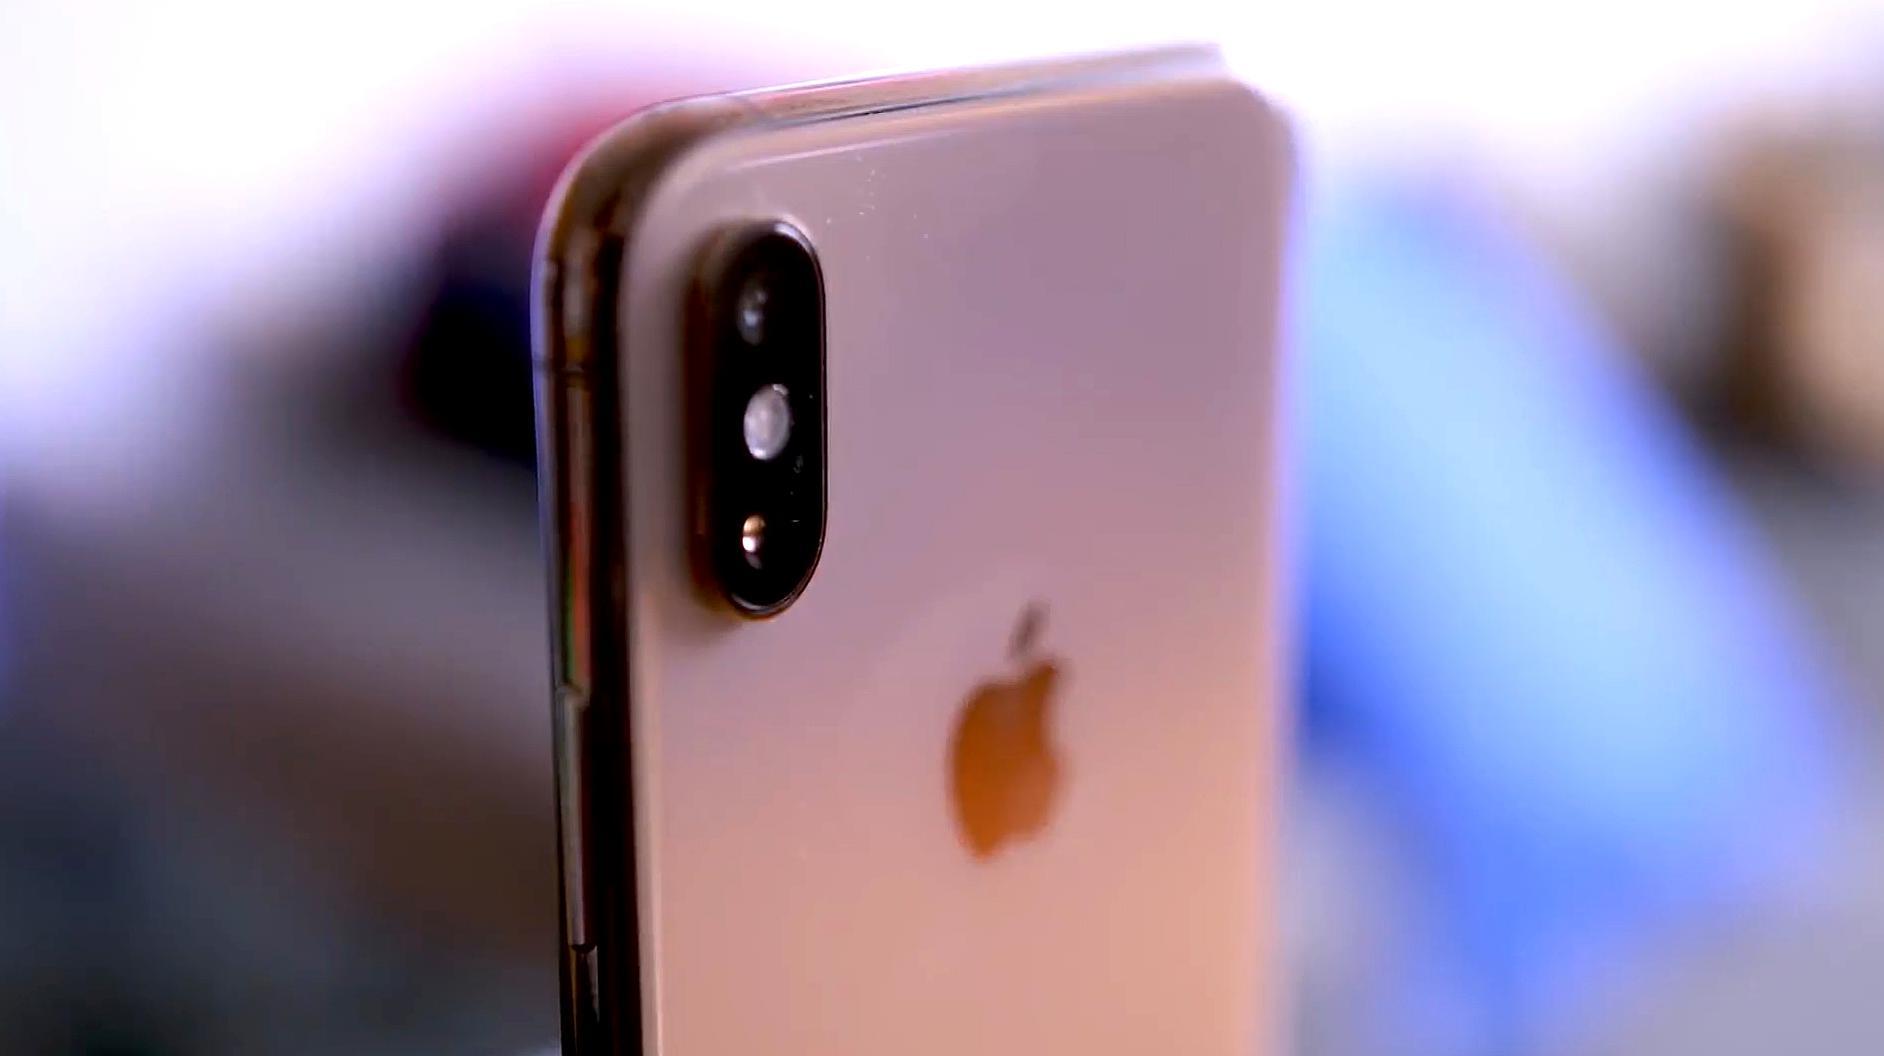 虽然降价很猛,但也不推荐在8月购买这几款iPhone手机